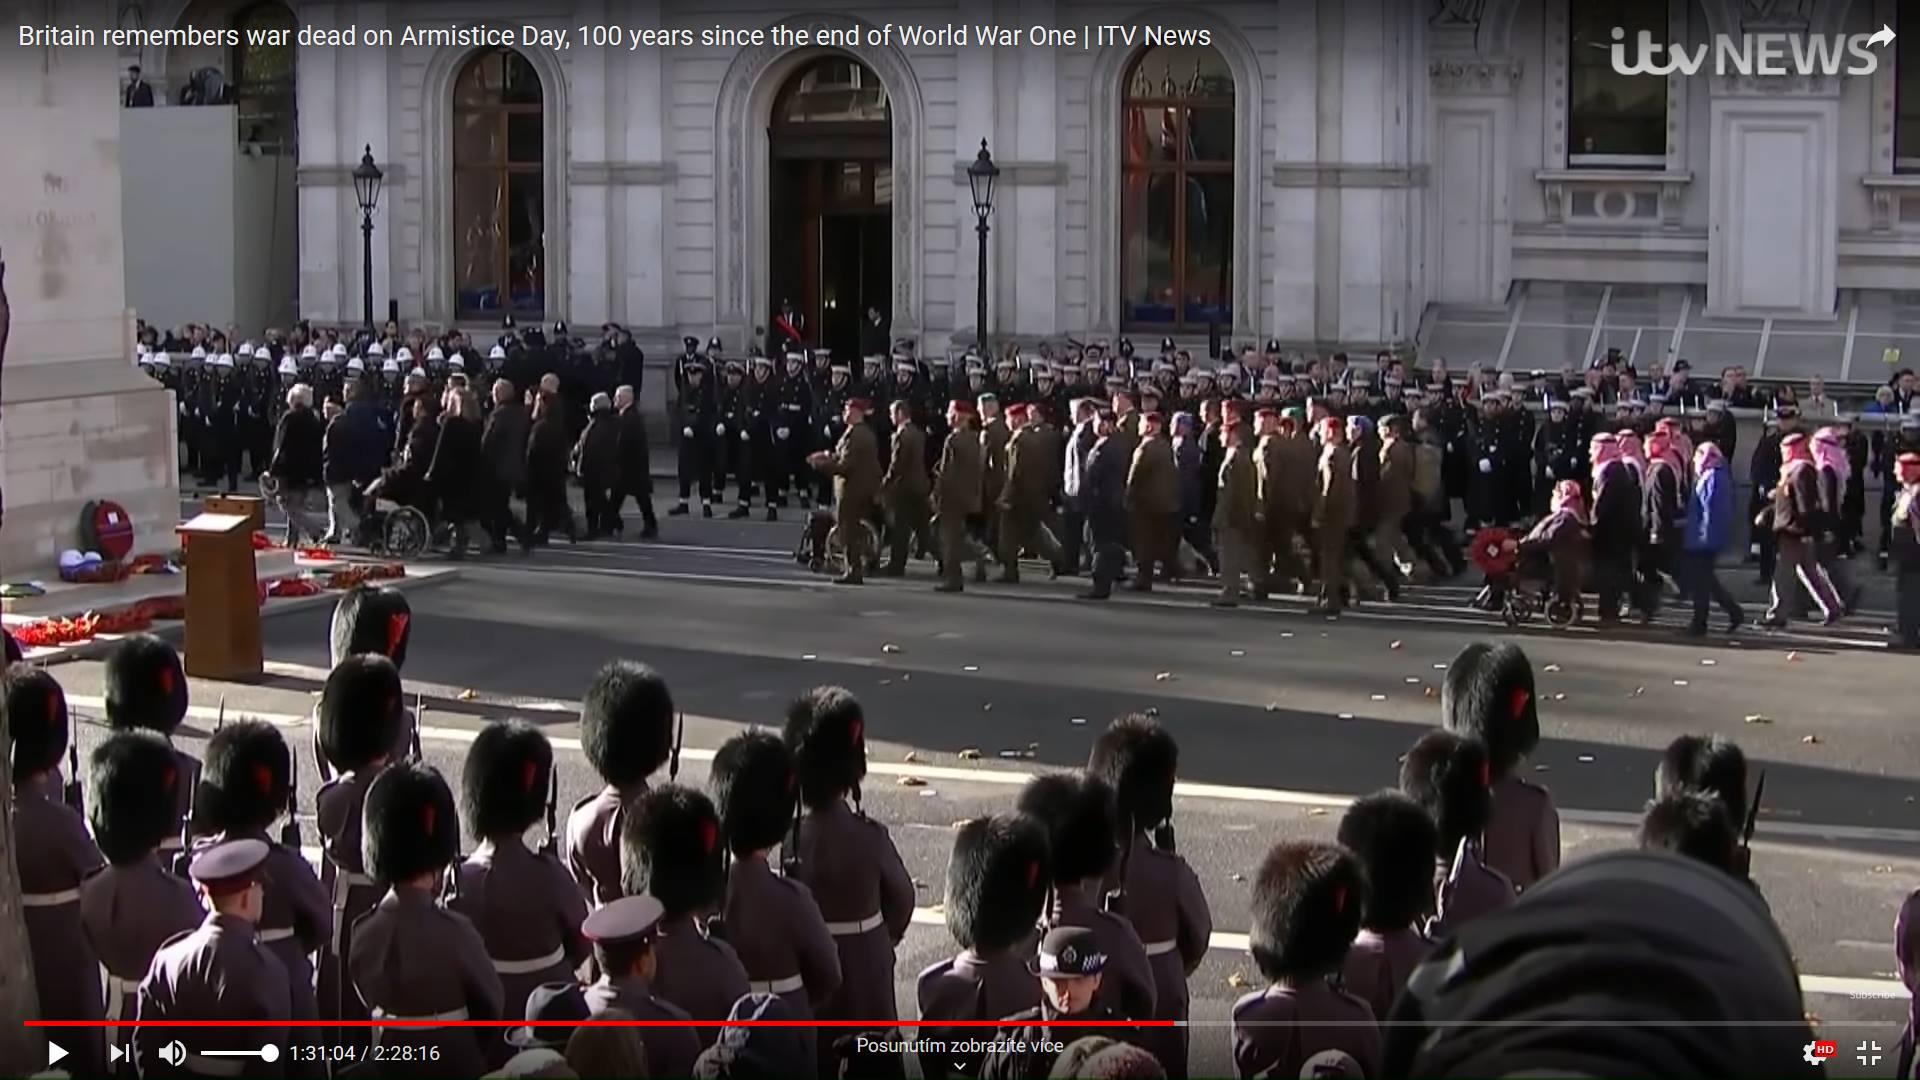 seznamování klubů v Londýně vojenské osobní seznamky